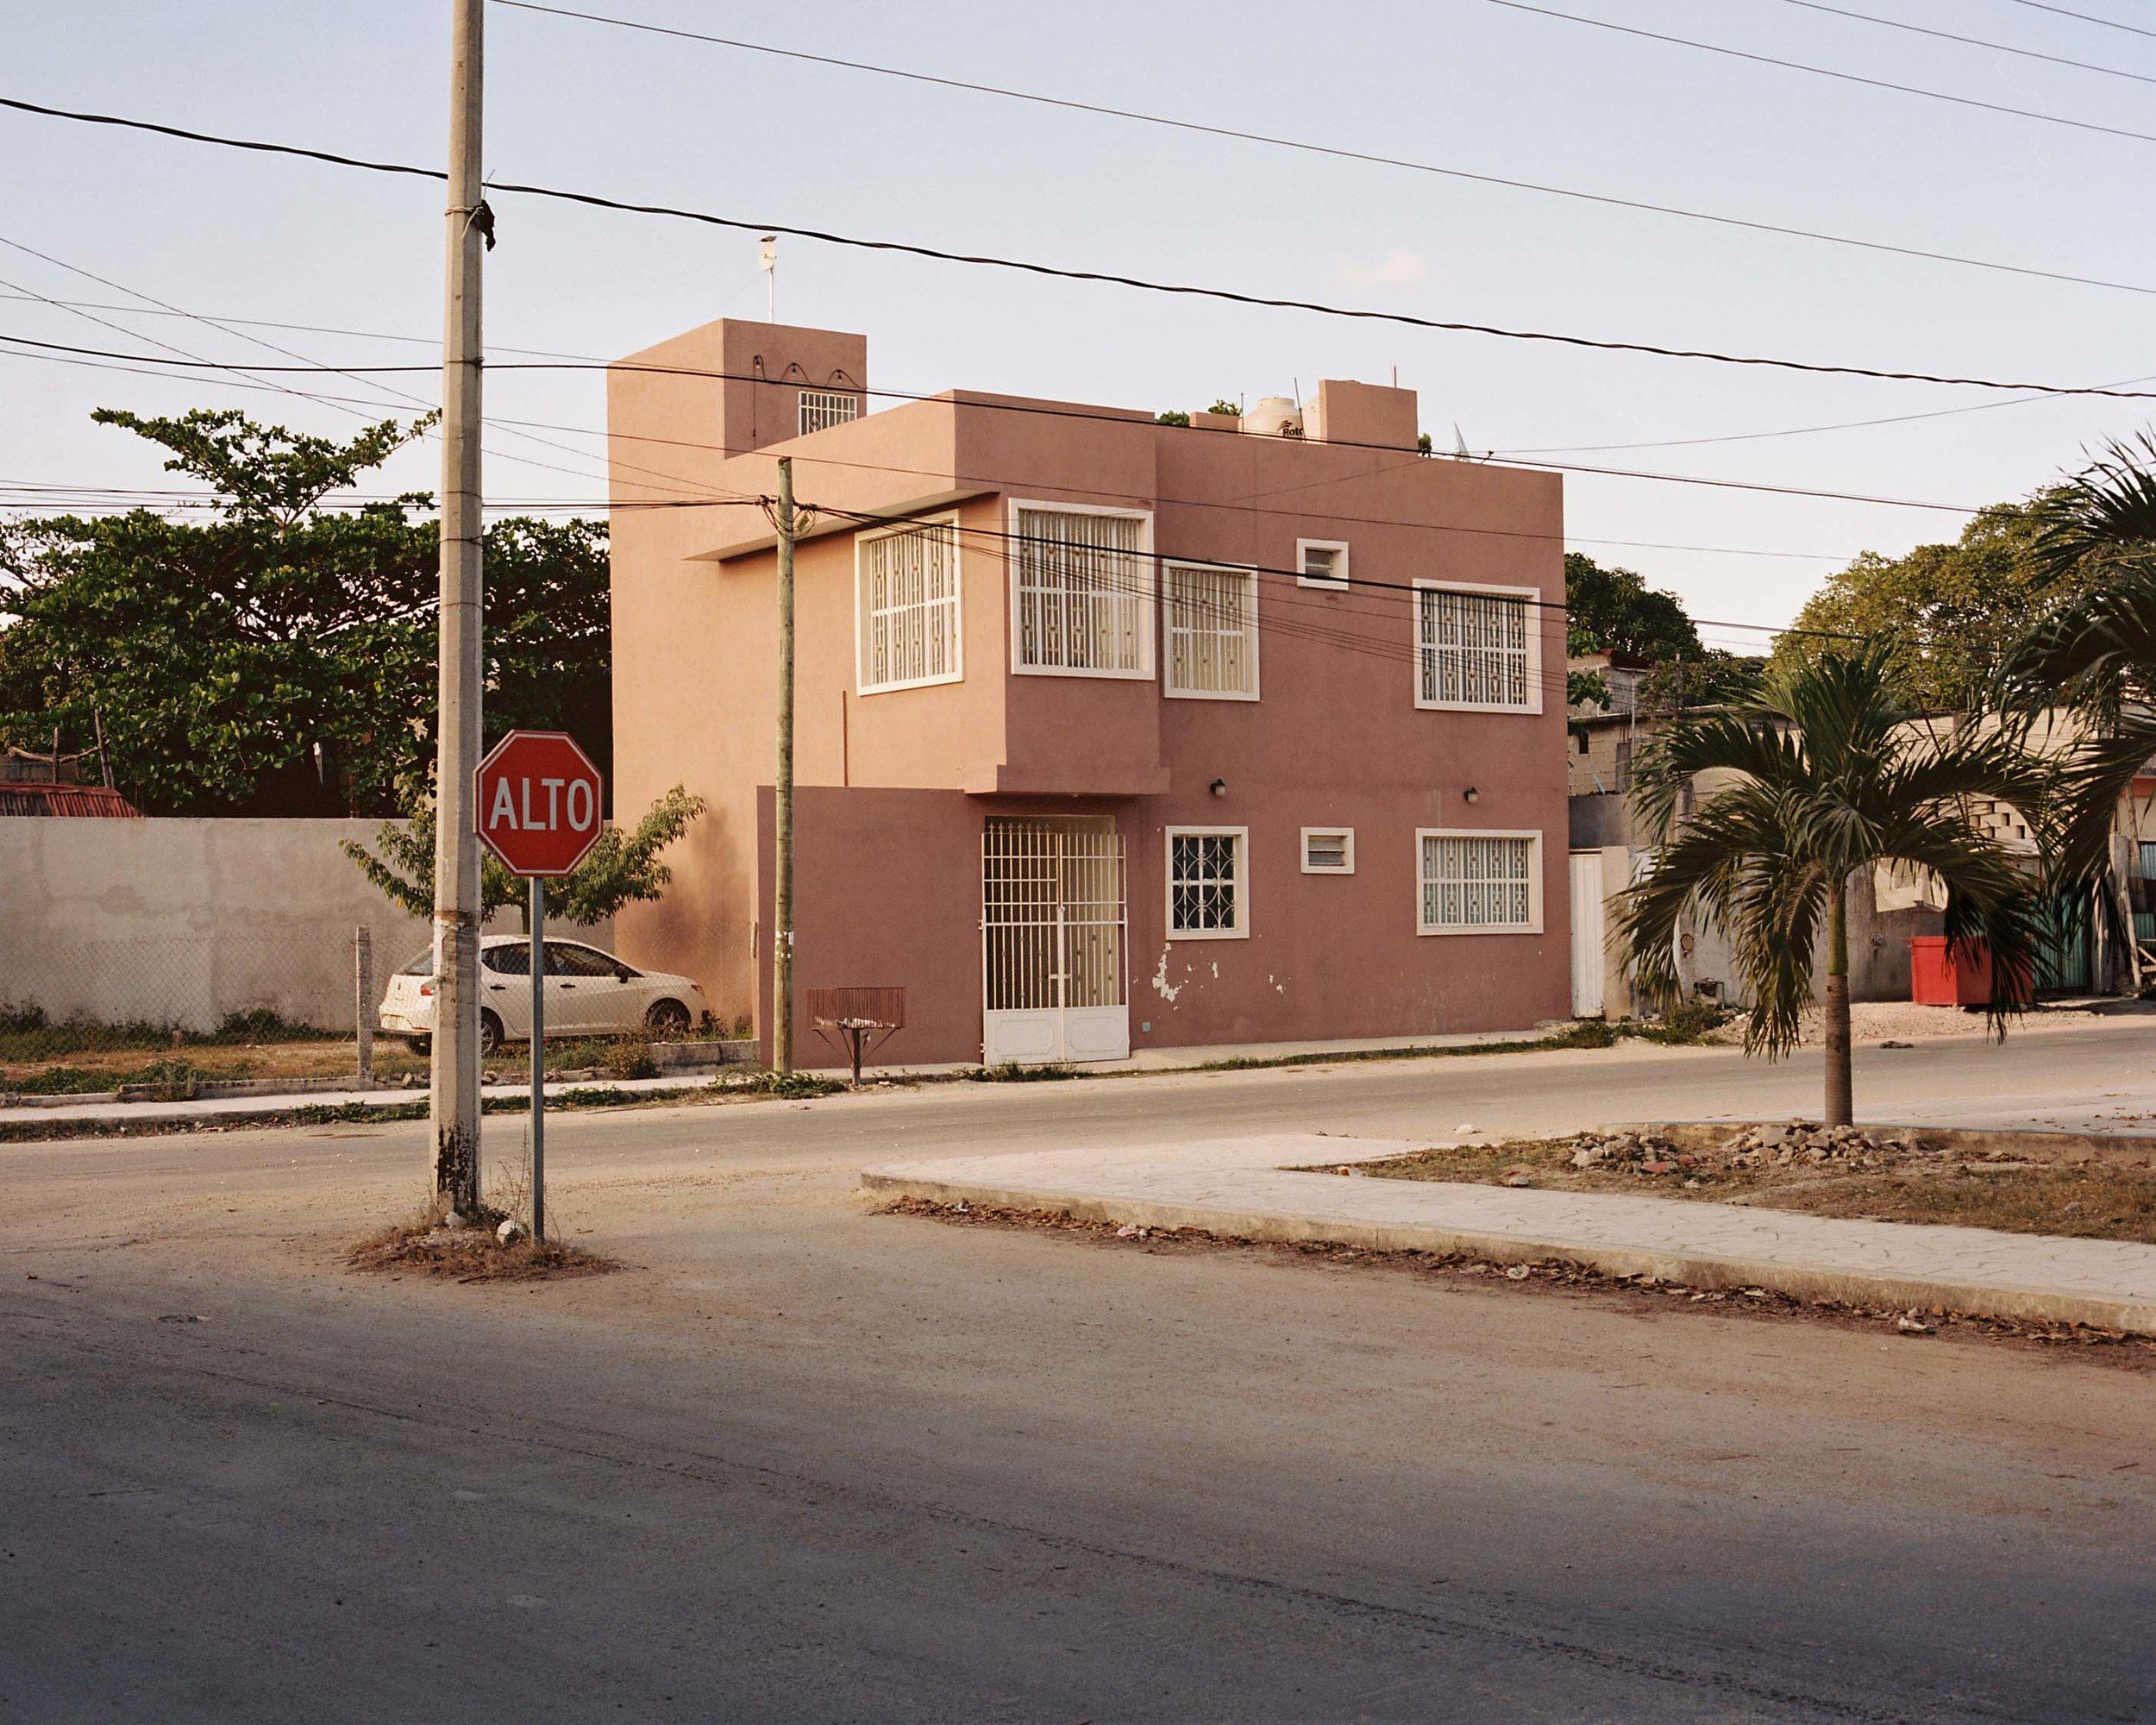 190312_MEXICO_MF_41R.jpg